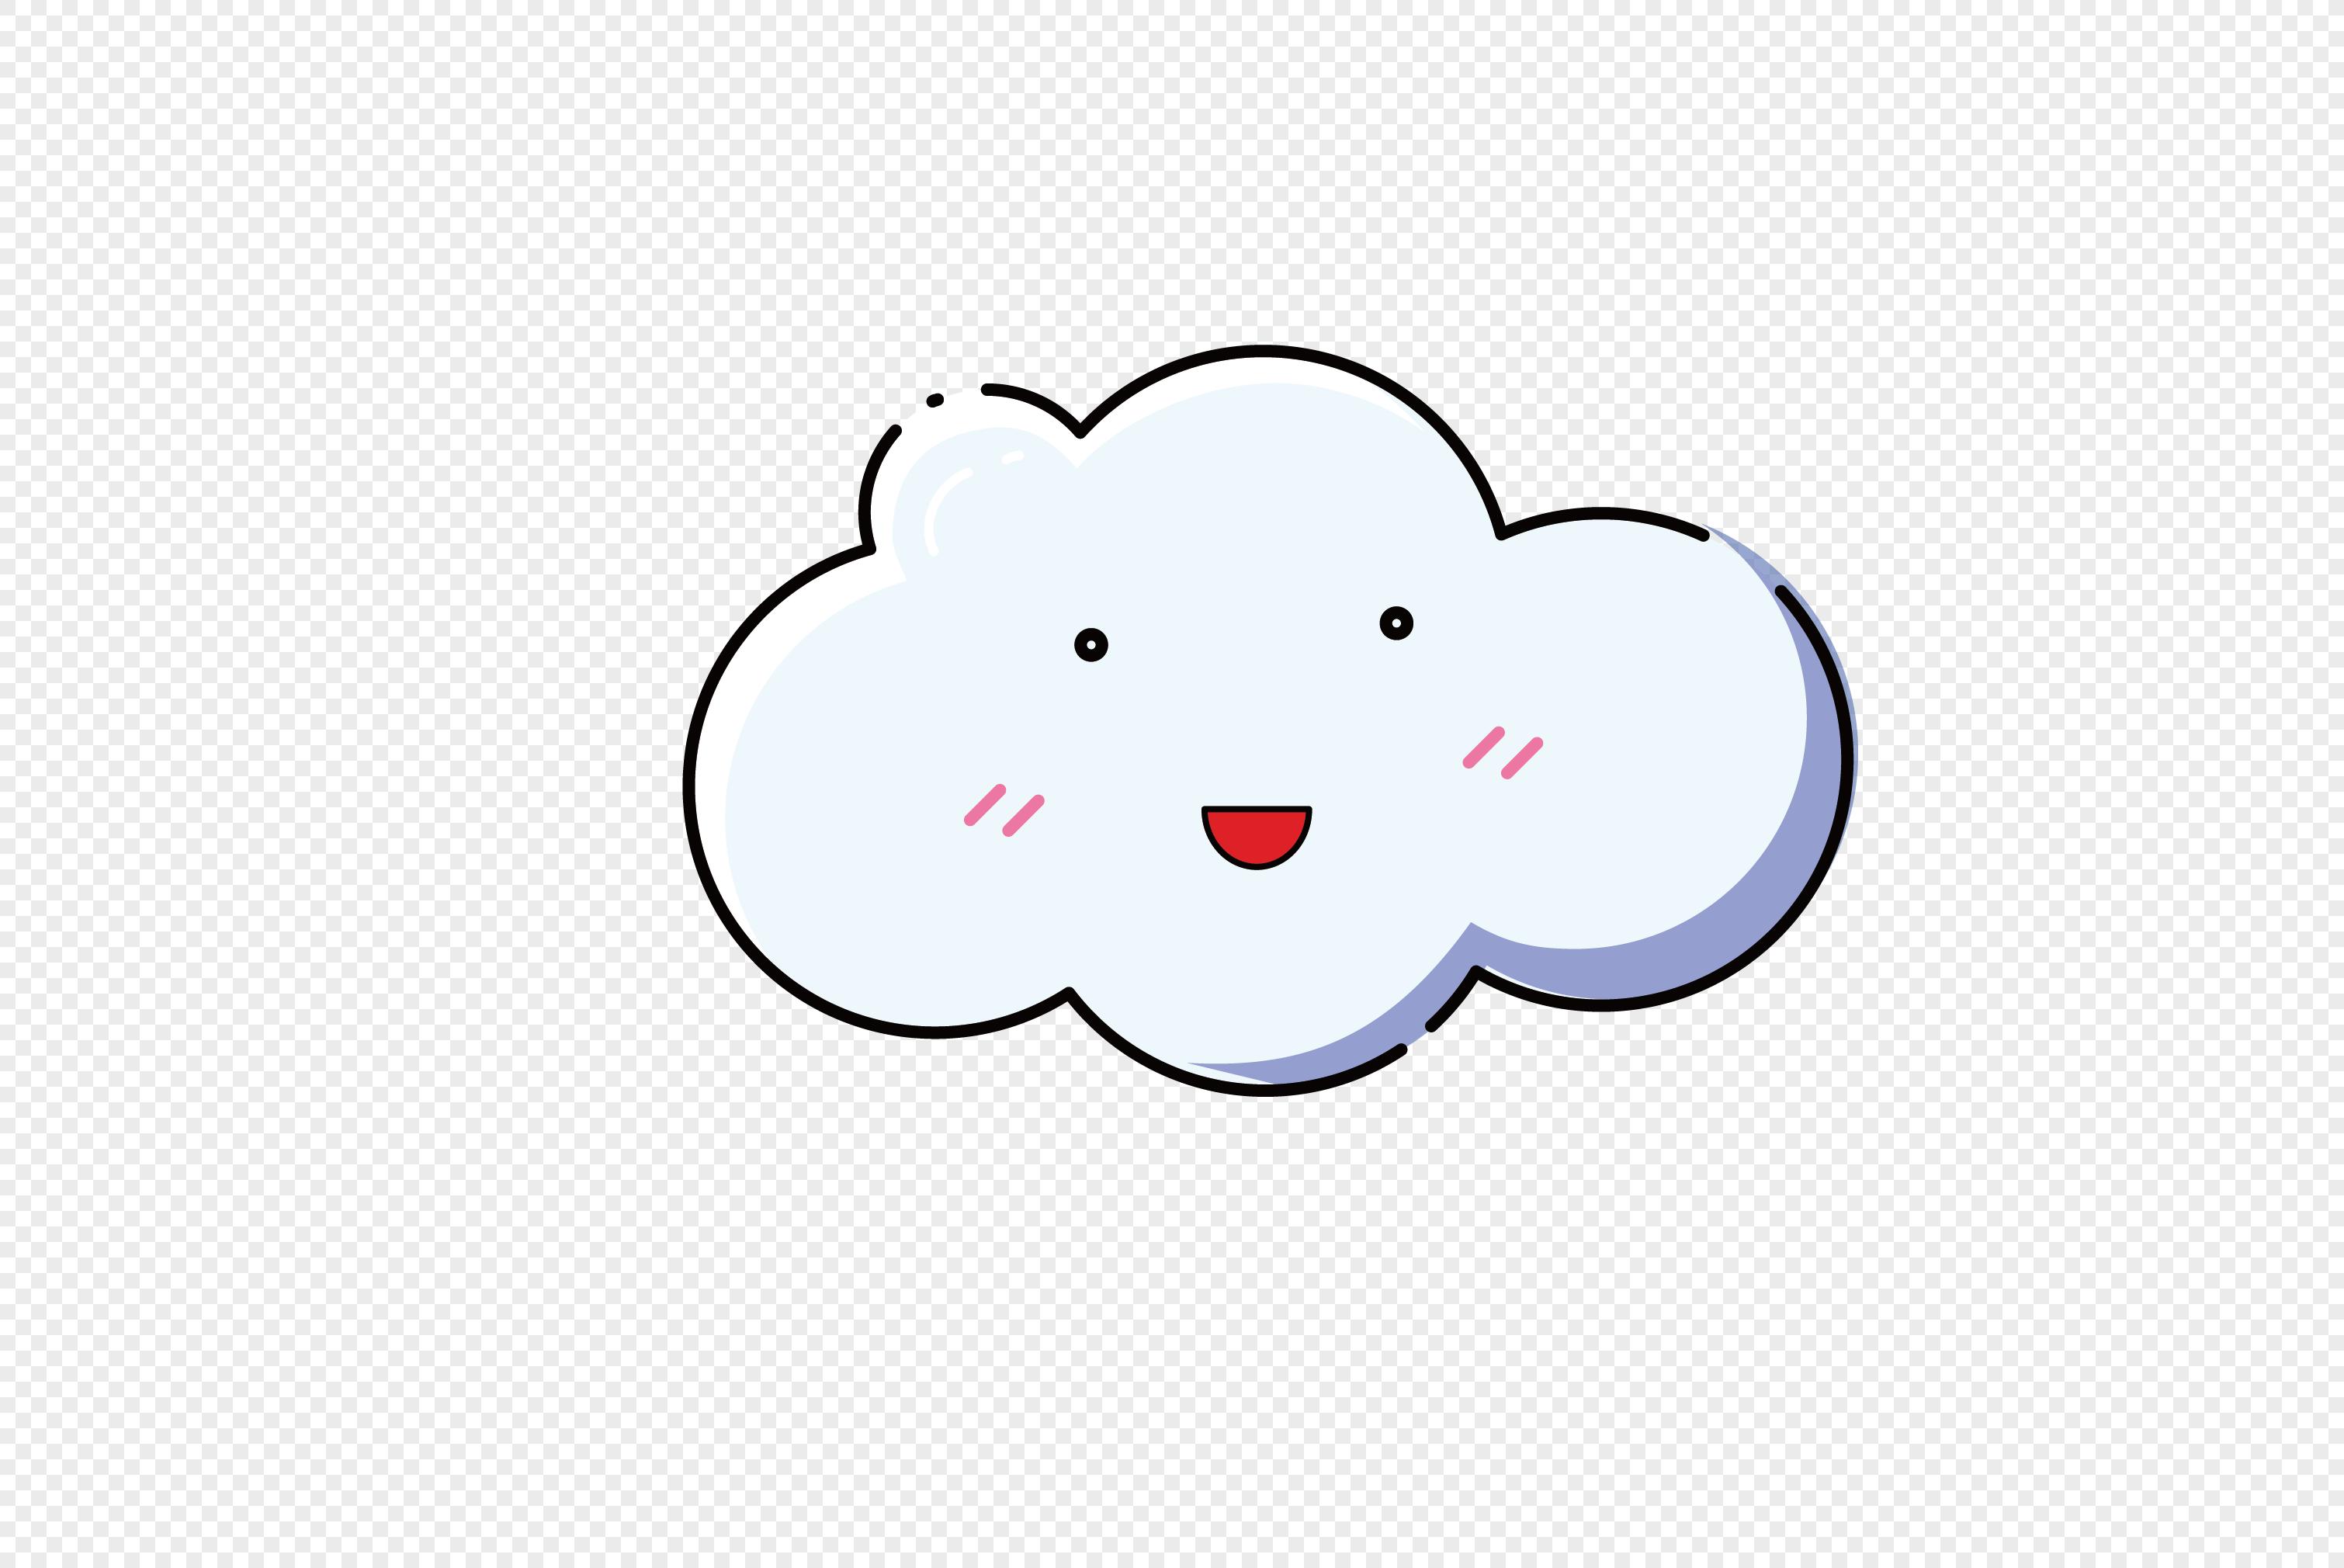 图片 素材 手绘/卡通元素 卡通白云.